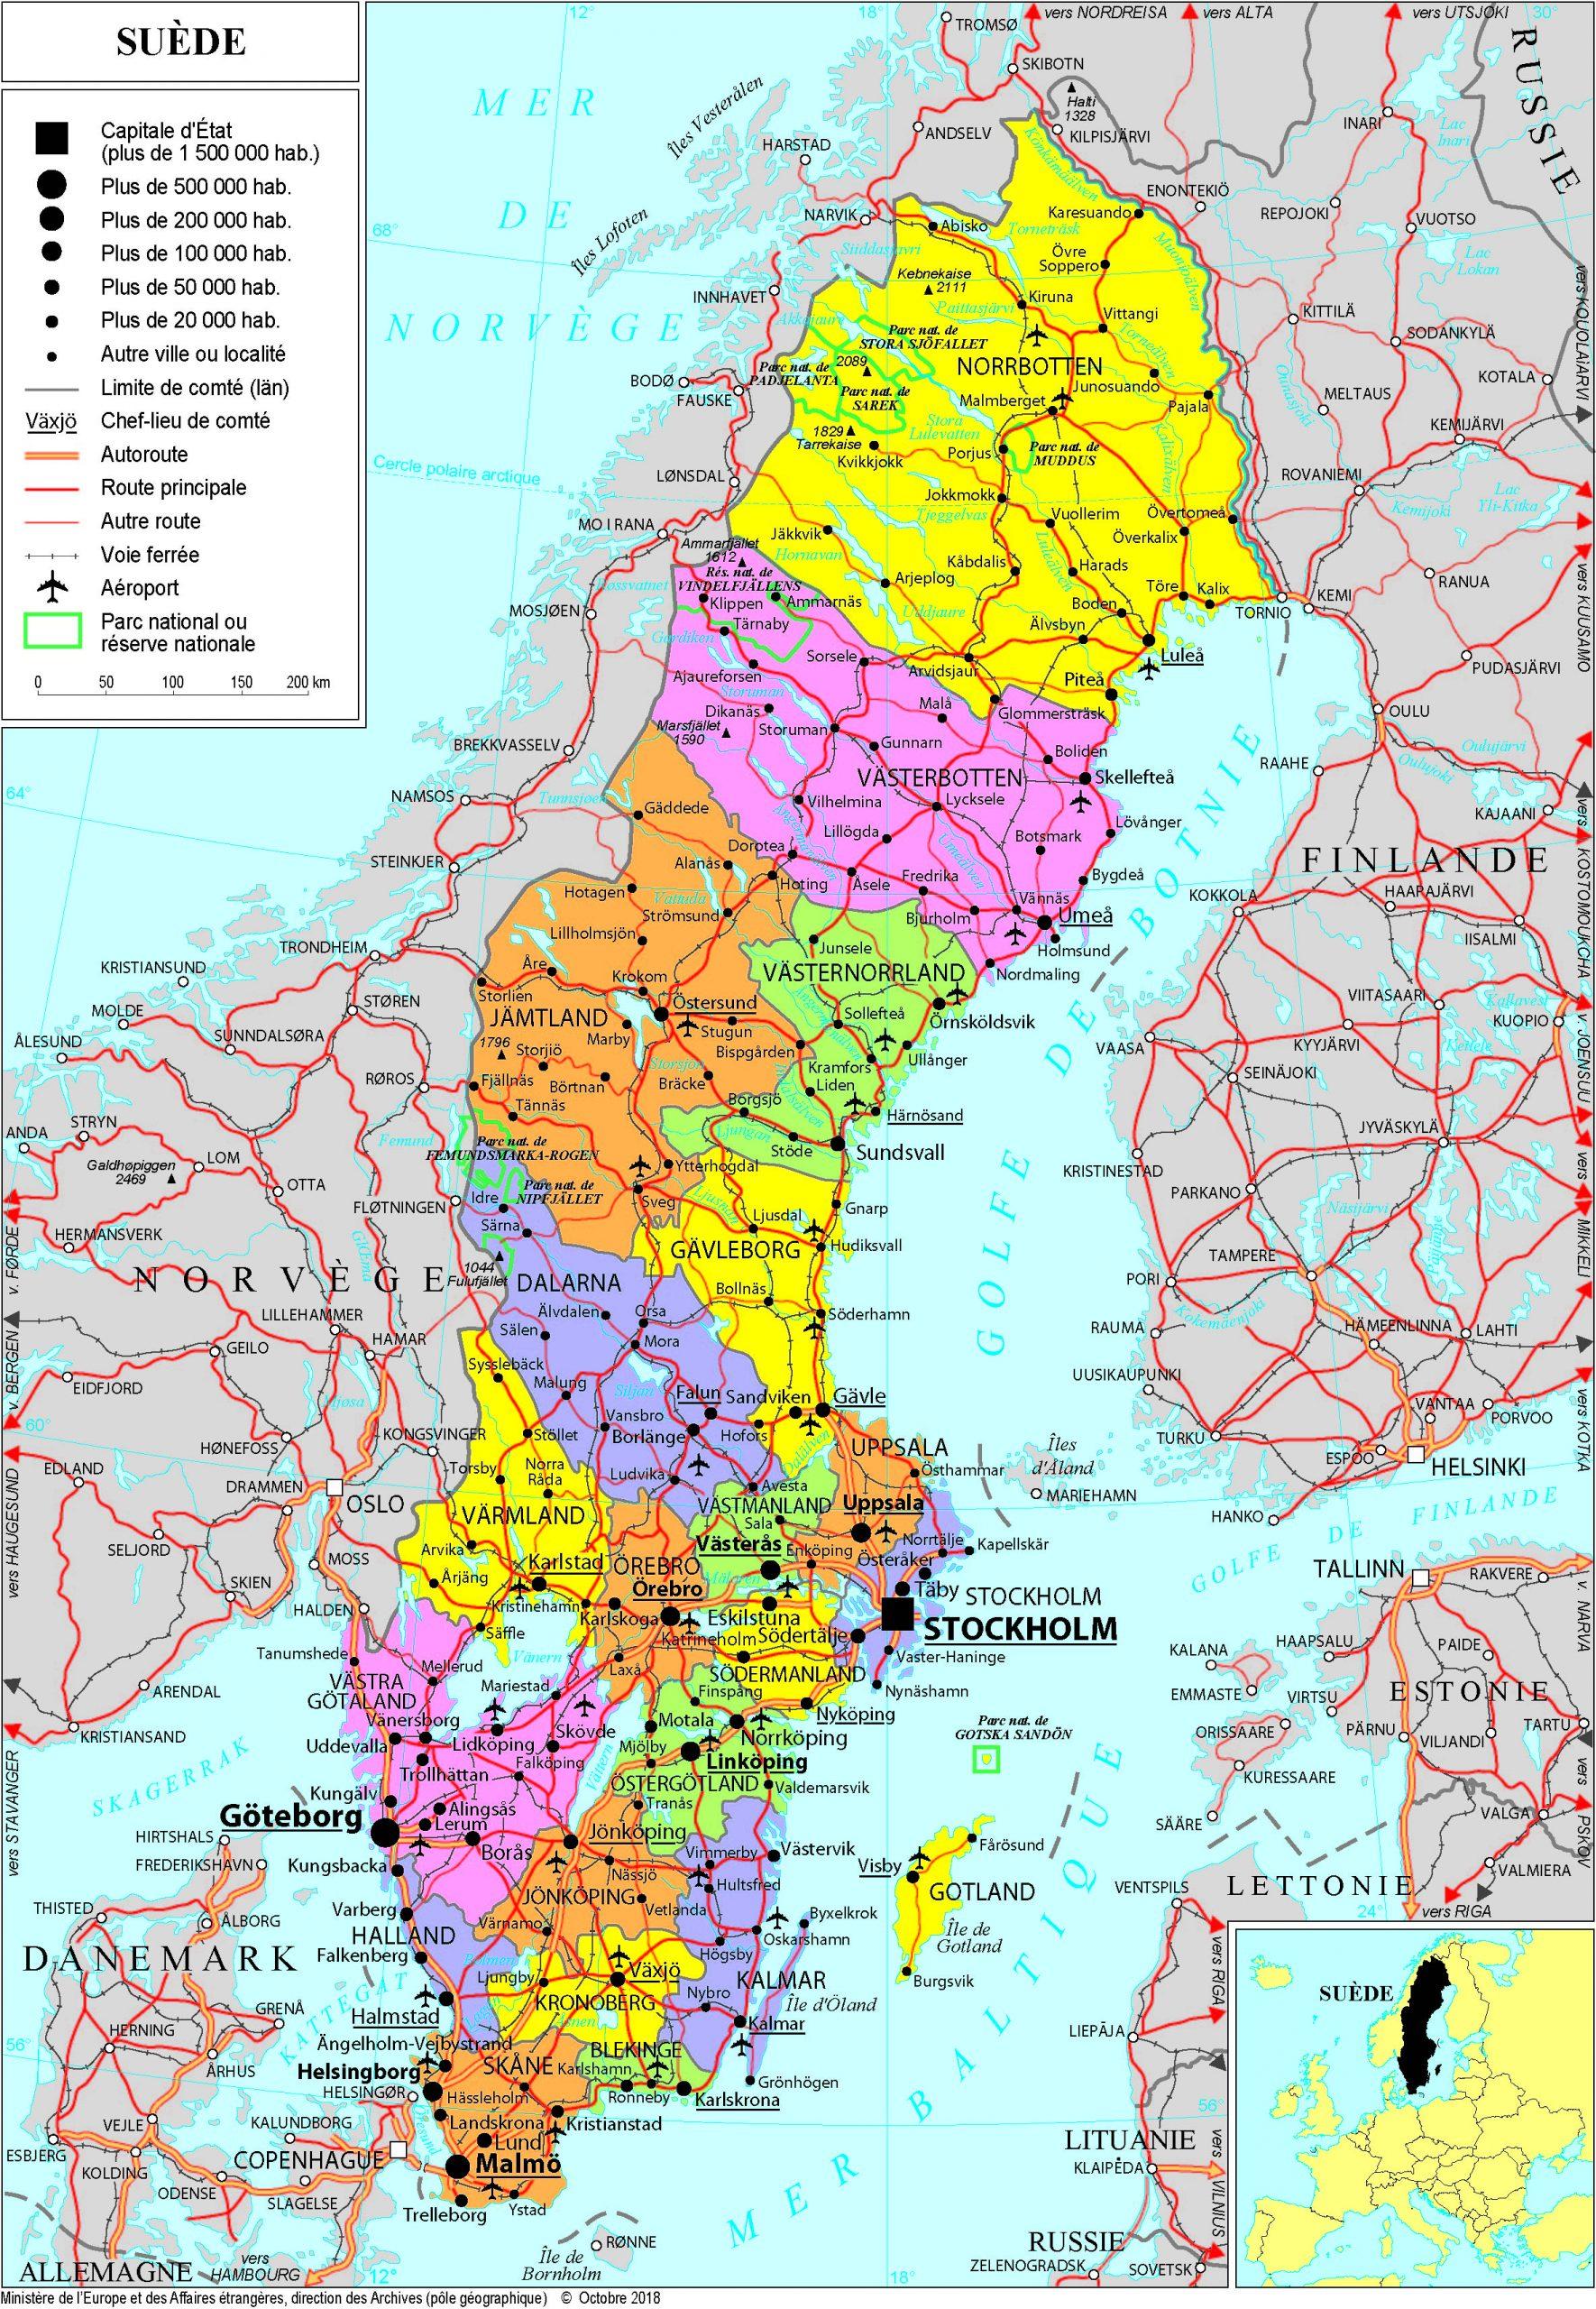 Présentation De La Suède - Ministère De L'europe Et Des pour Tout Les Pays D Europe